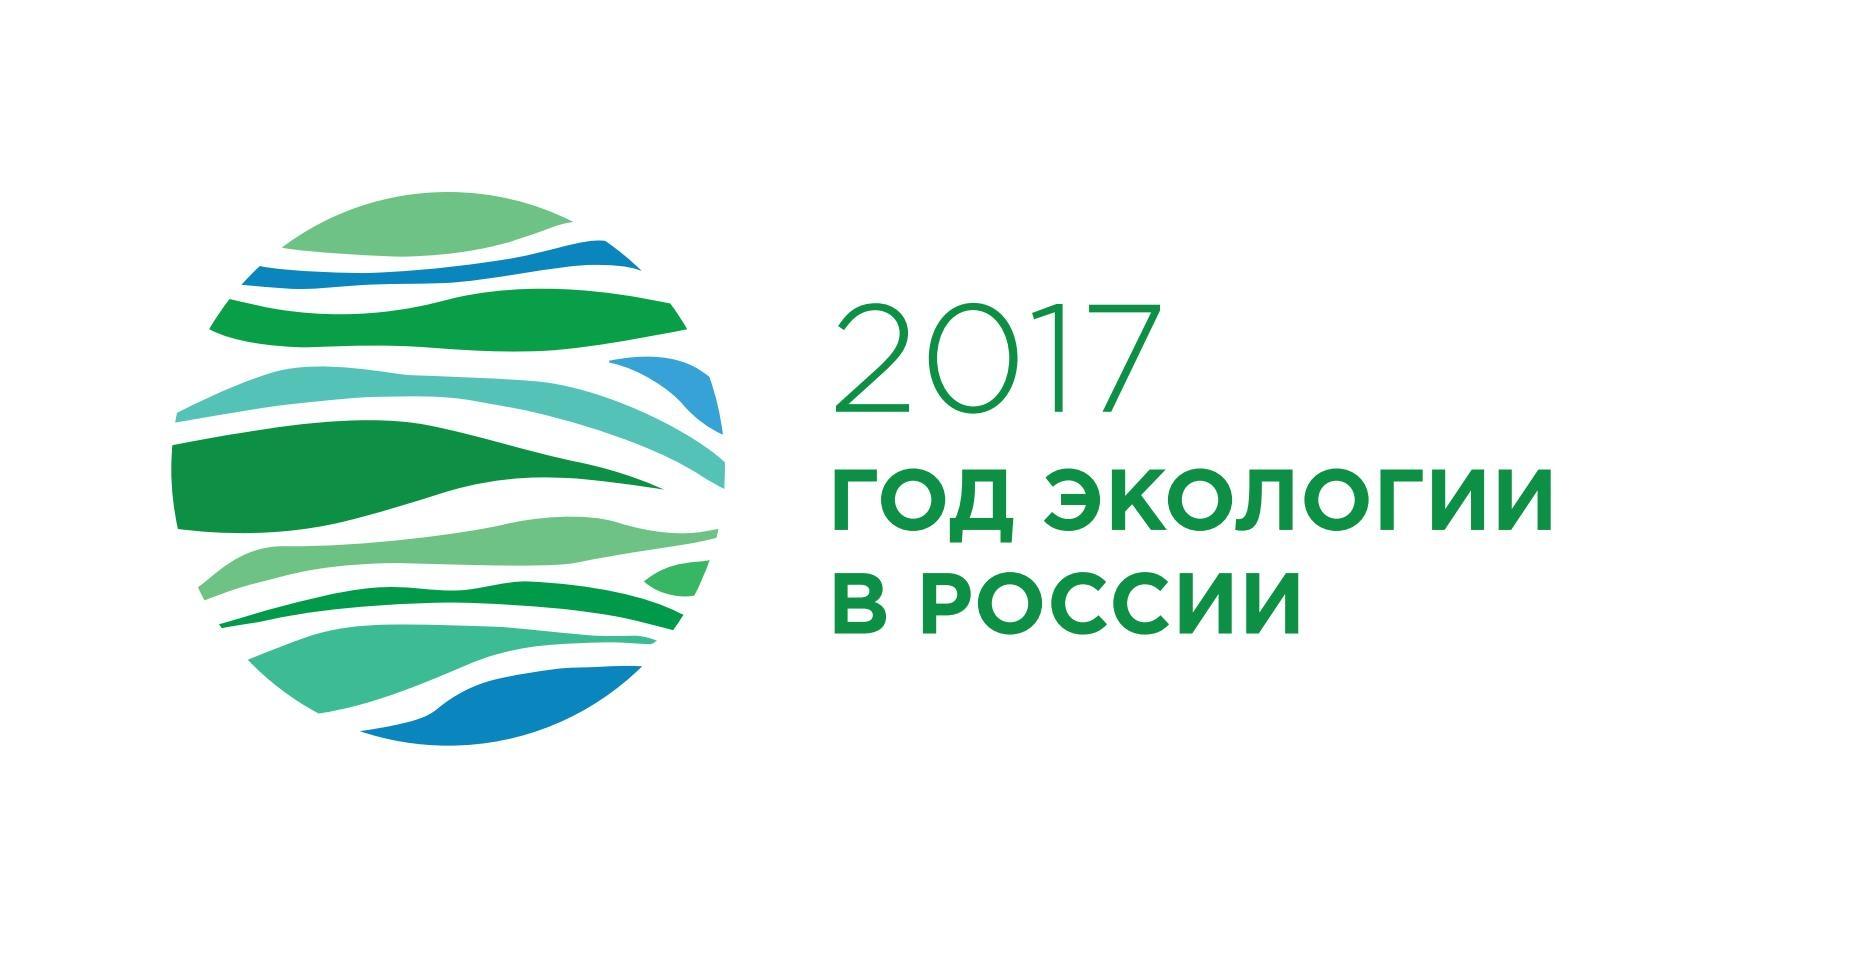 прикладная экология журнал пермь